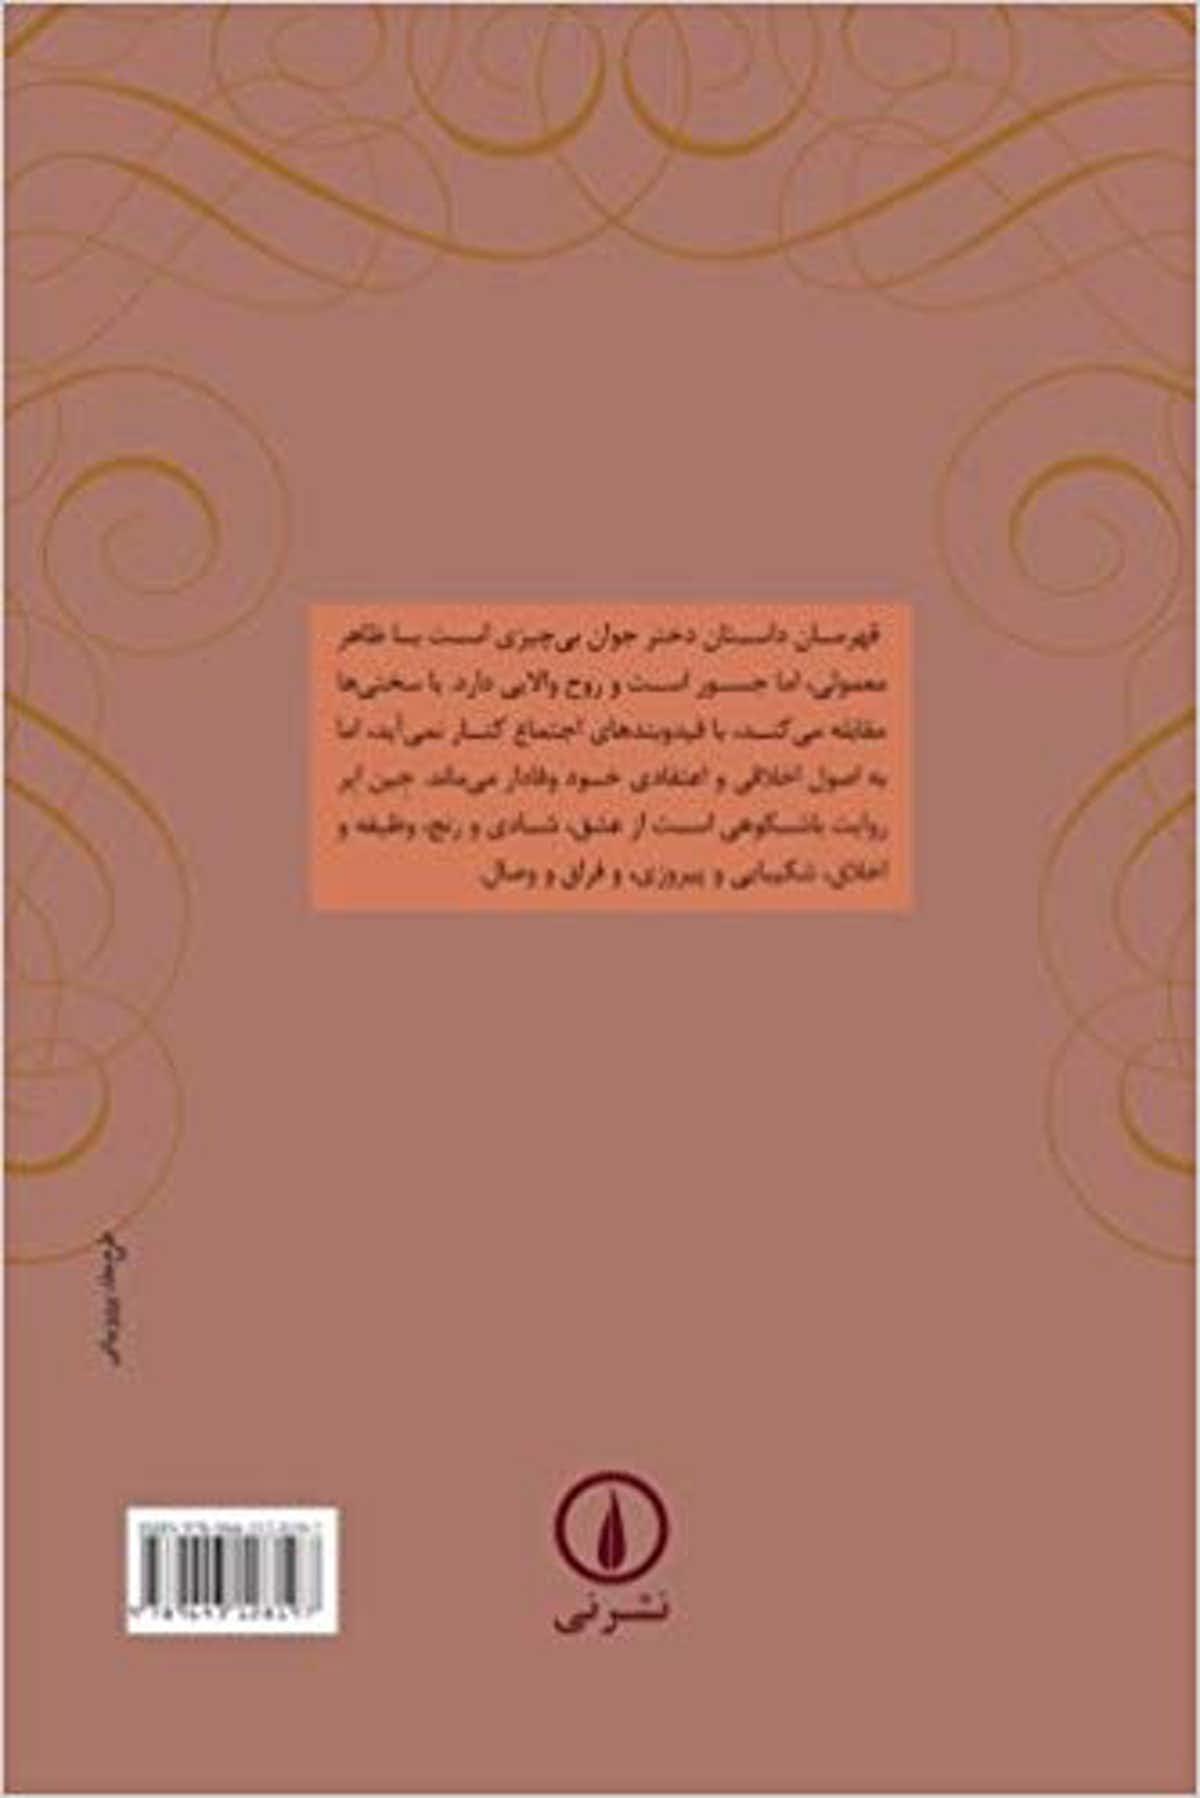 Farsi edition.